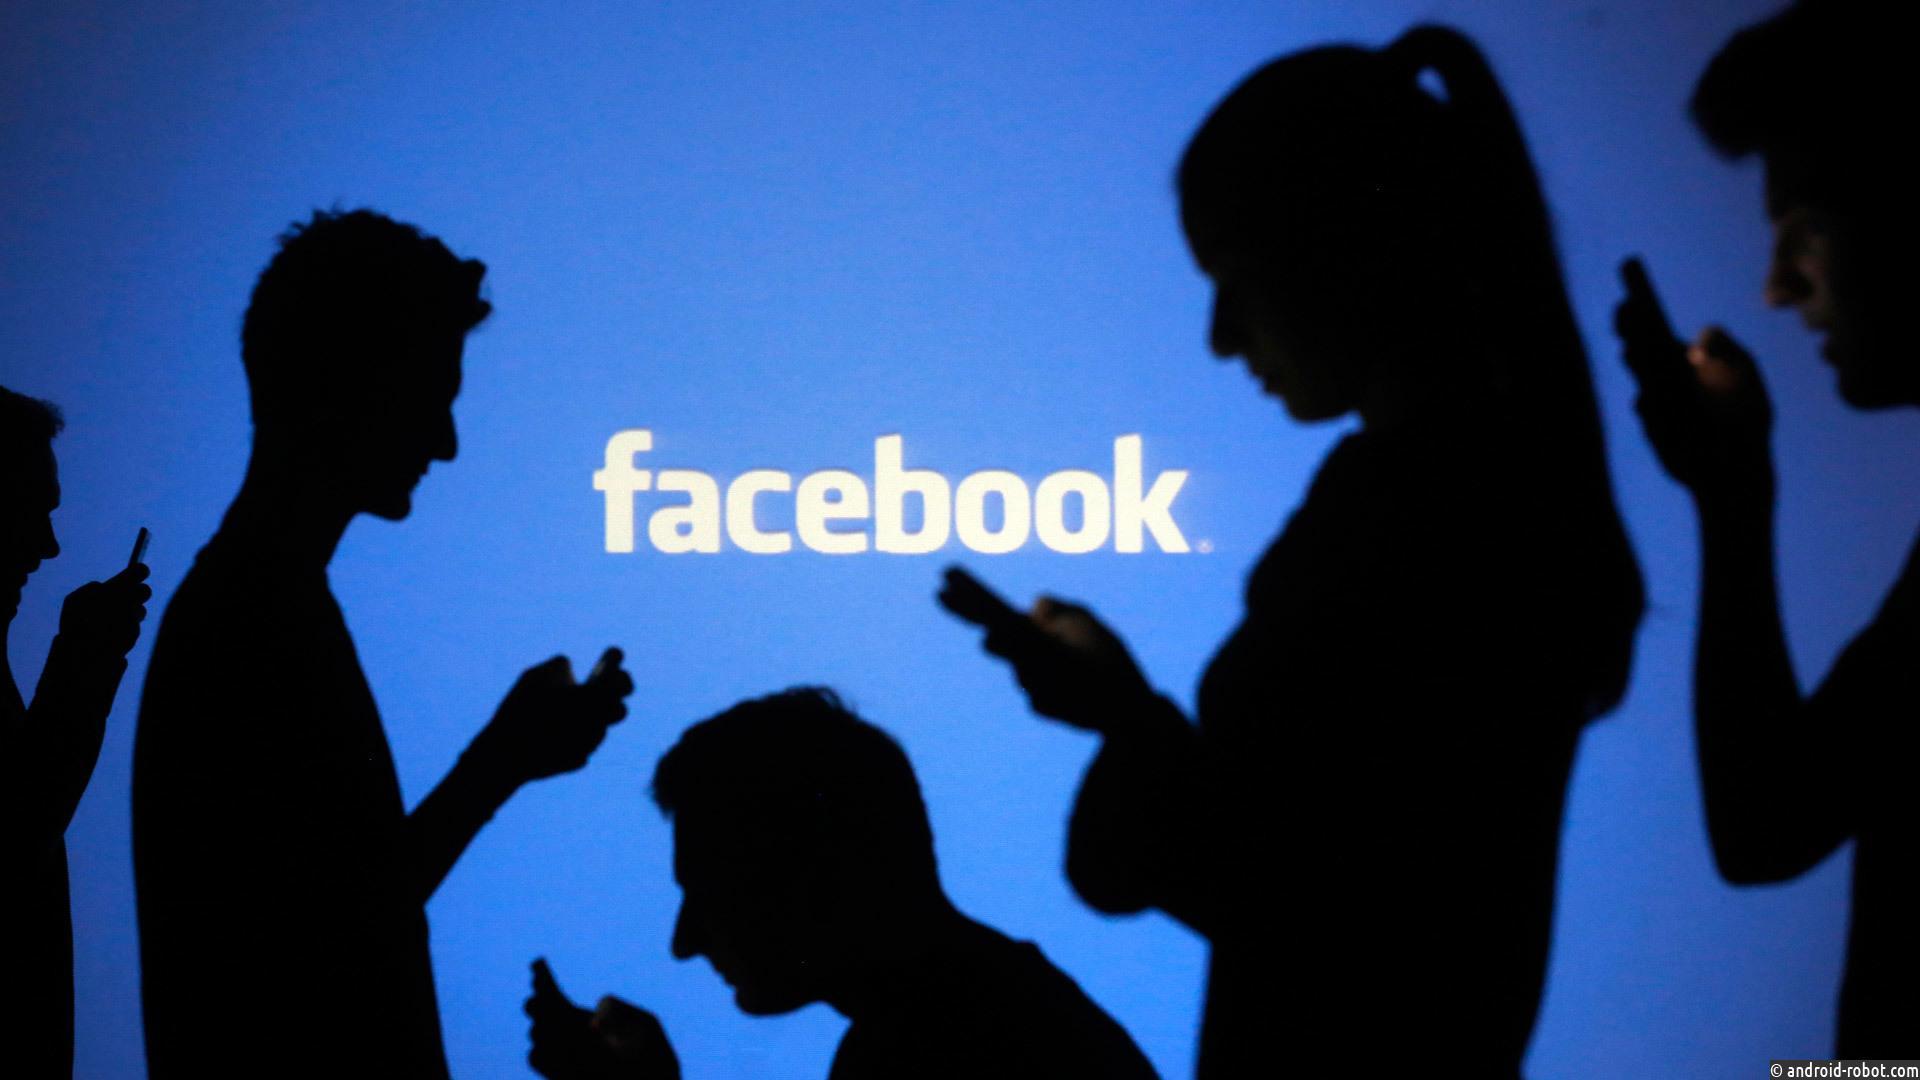 Юзеры социальная сеть Facebook смогут заработать напостах